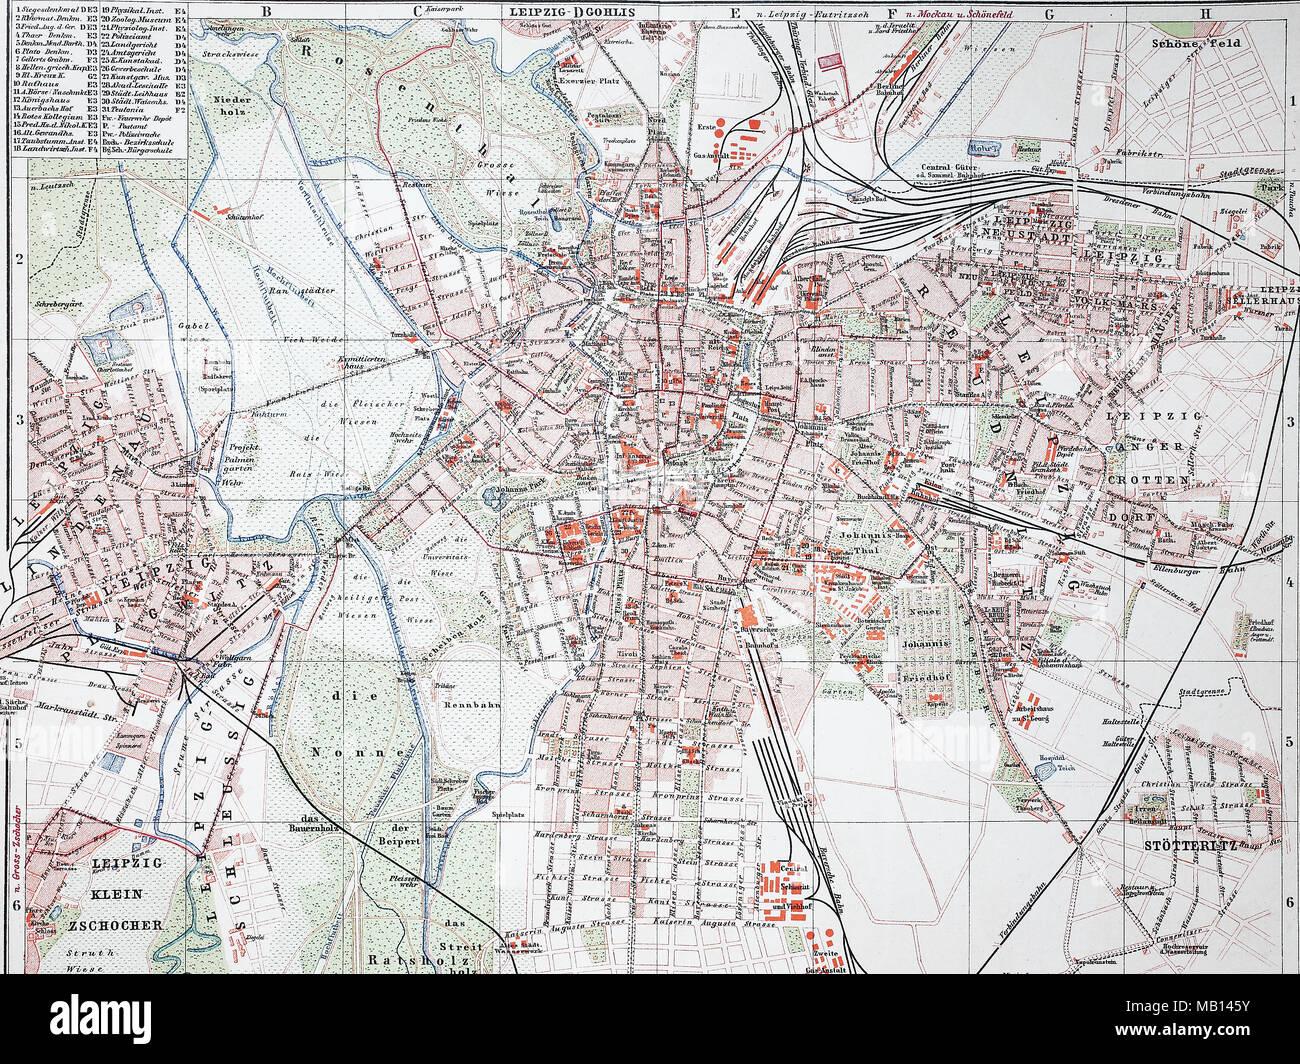 Stadtplan Von Leipzig Deutschland 1895 Stadt Karte Von Leipzig